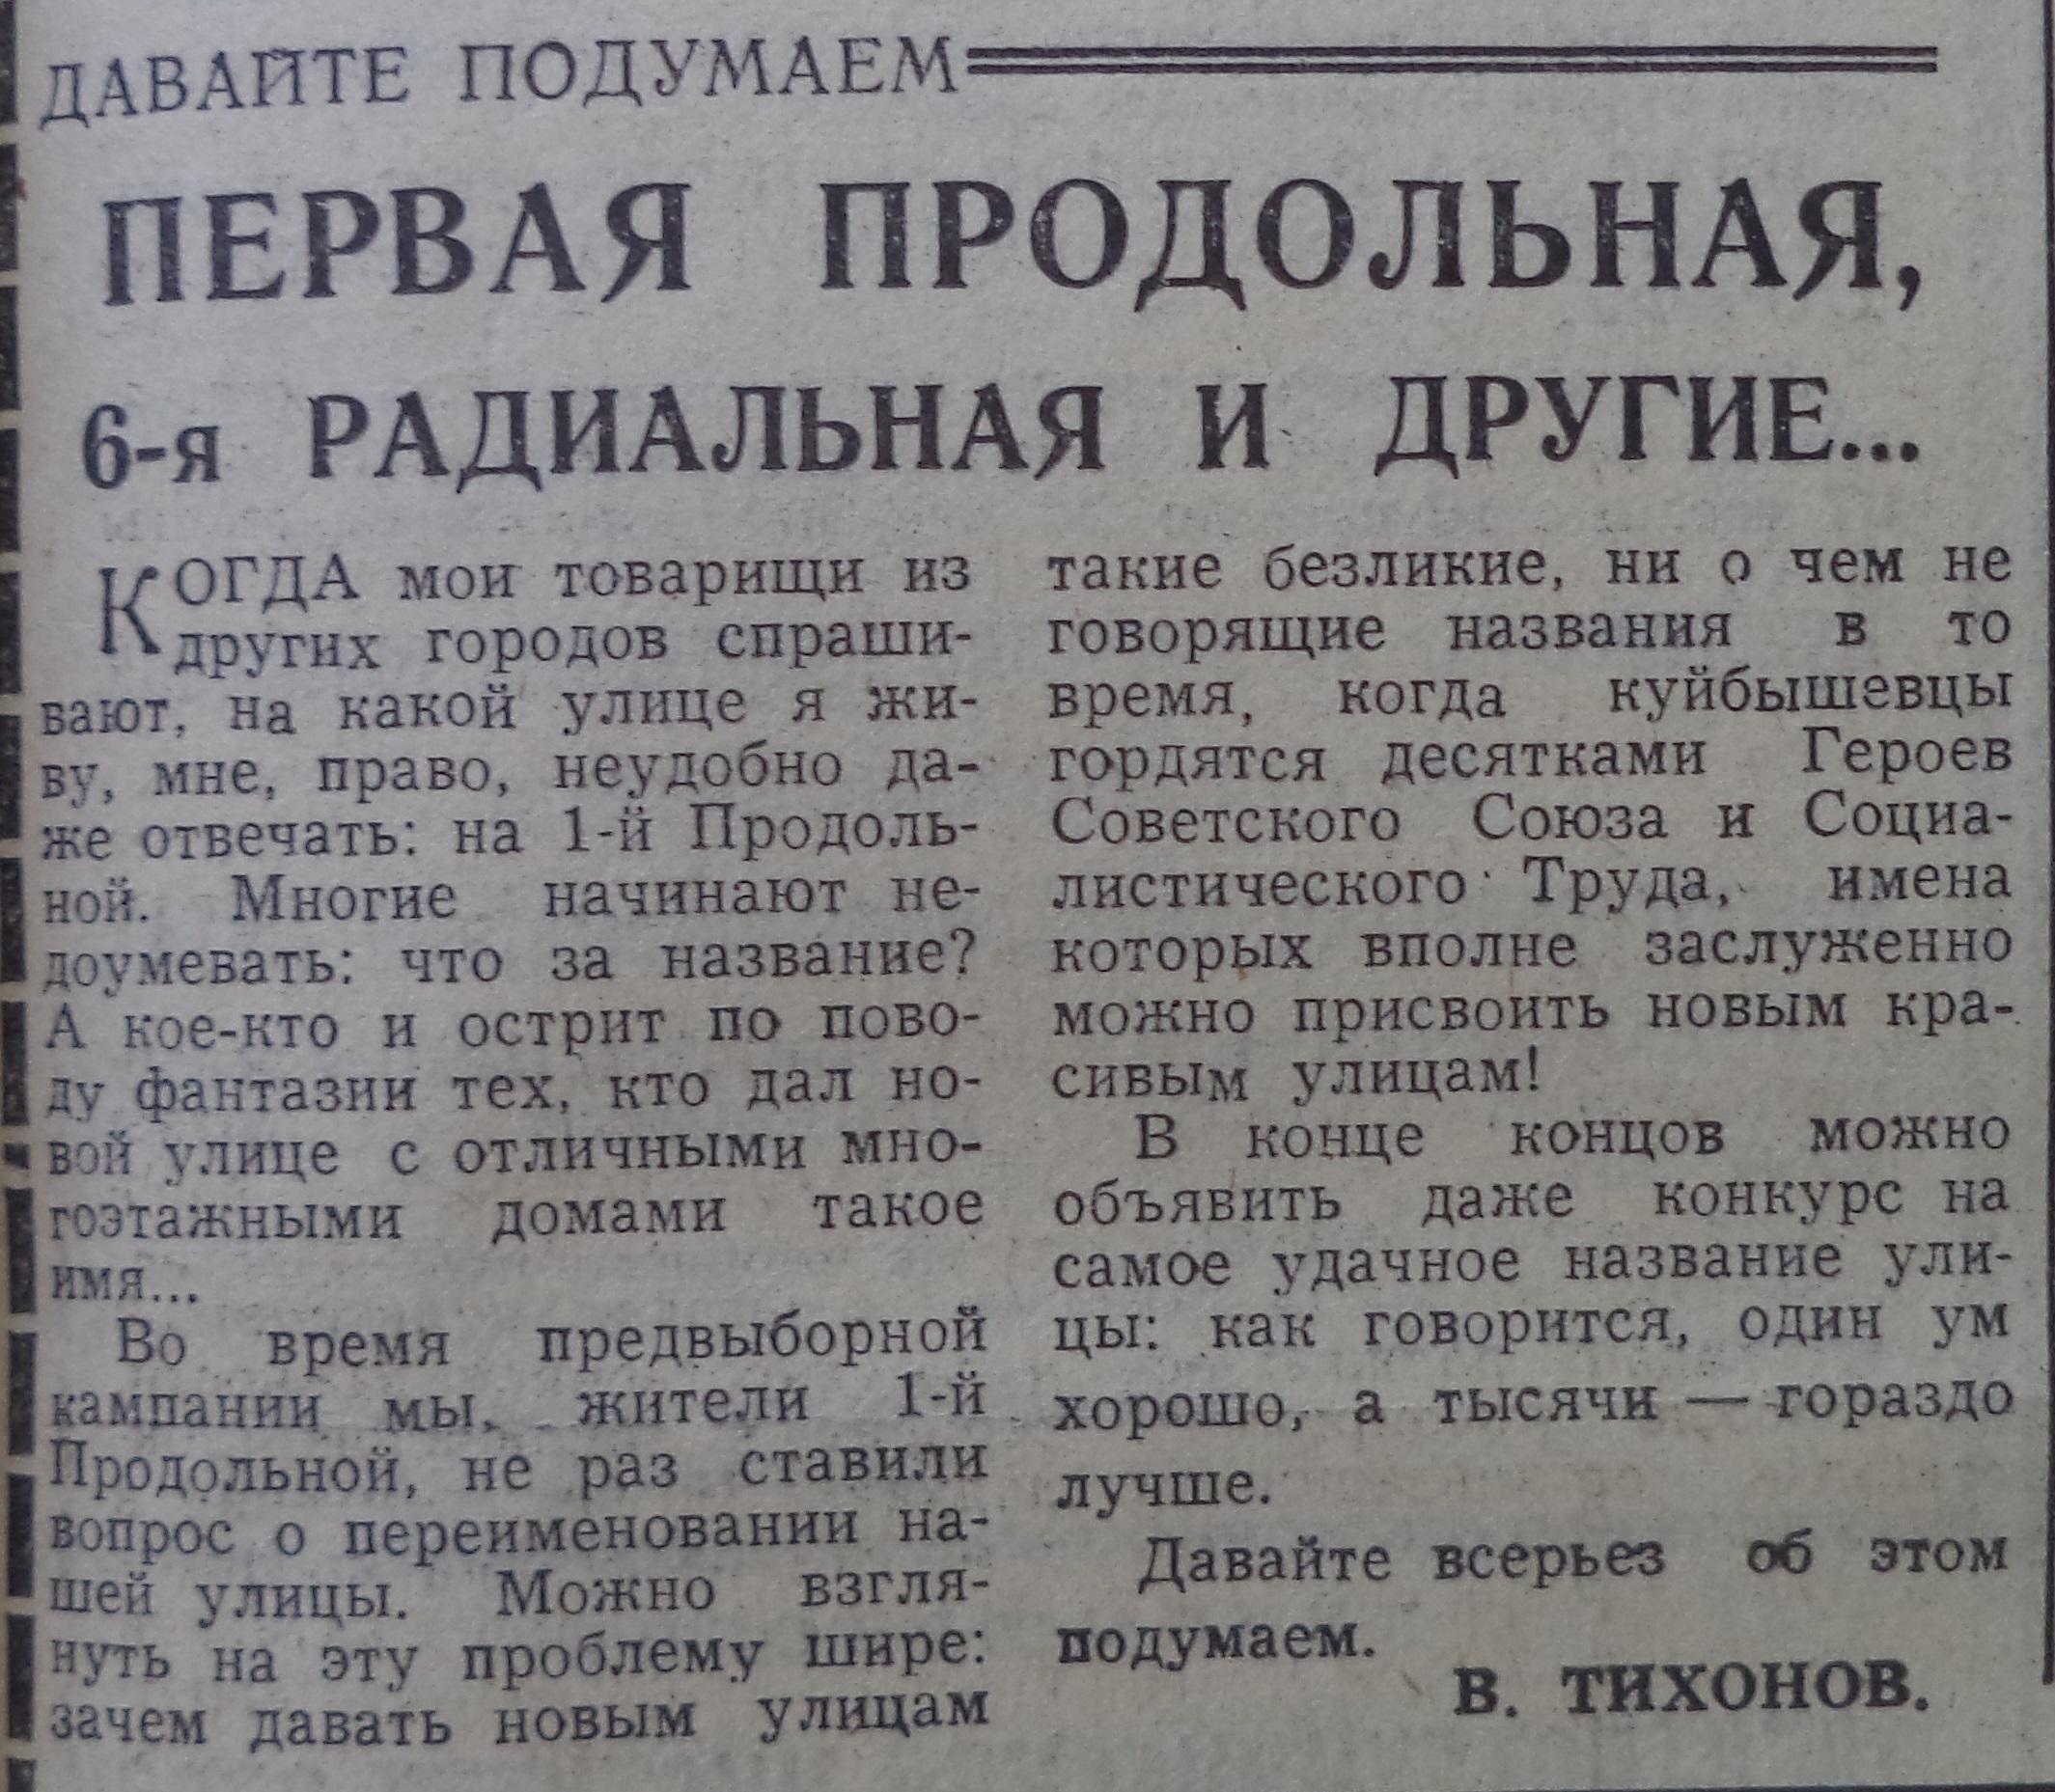 ГД-ФОТО-32-ВЗя-1978-04-13-о желат. переимен. улиц